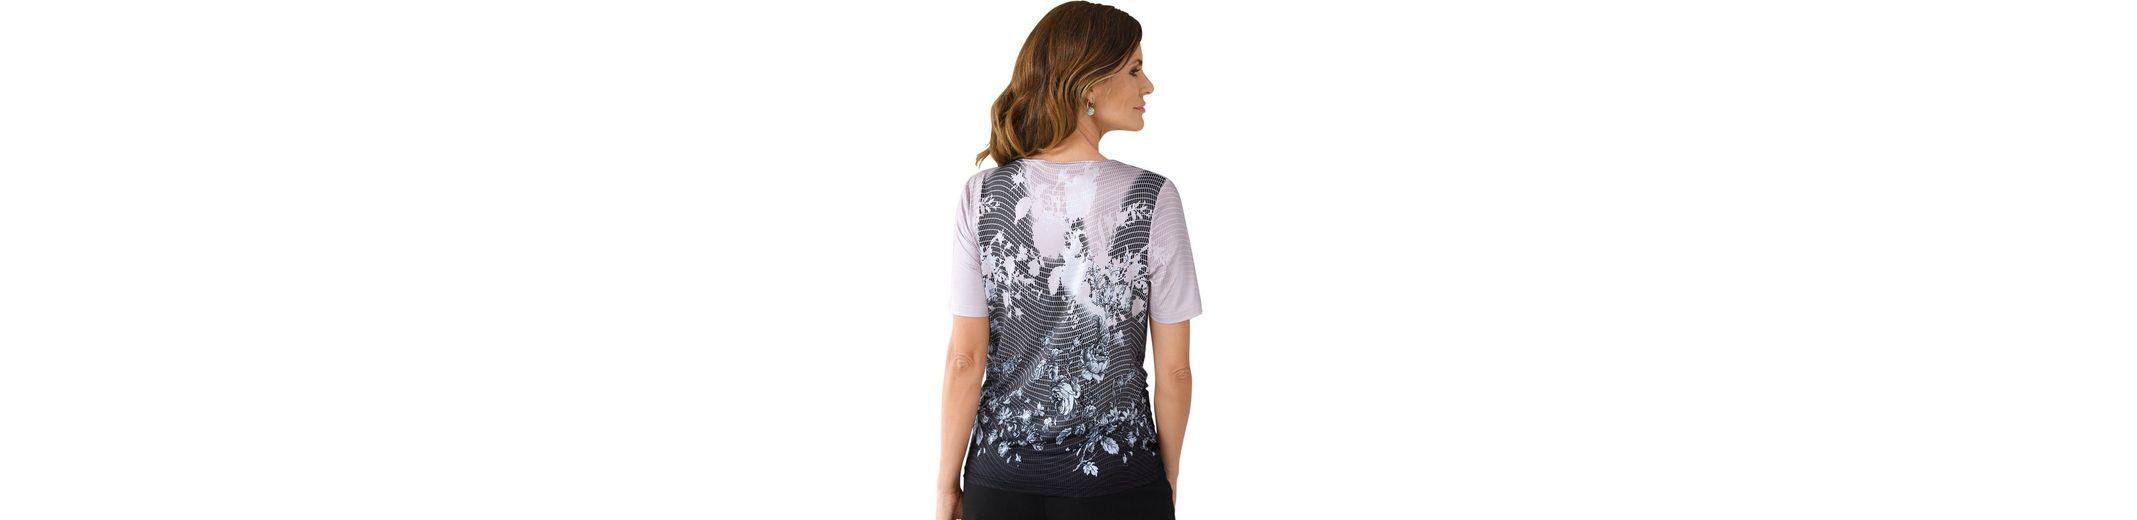 Lady Shirt im modernen Muster-Mix  Spitzenreiter Sammlungen Günstiger Preis Günstigste Preis Verkauf Online Bestseller iHGqO